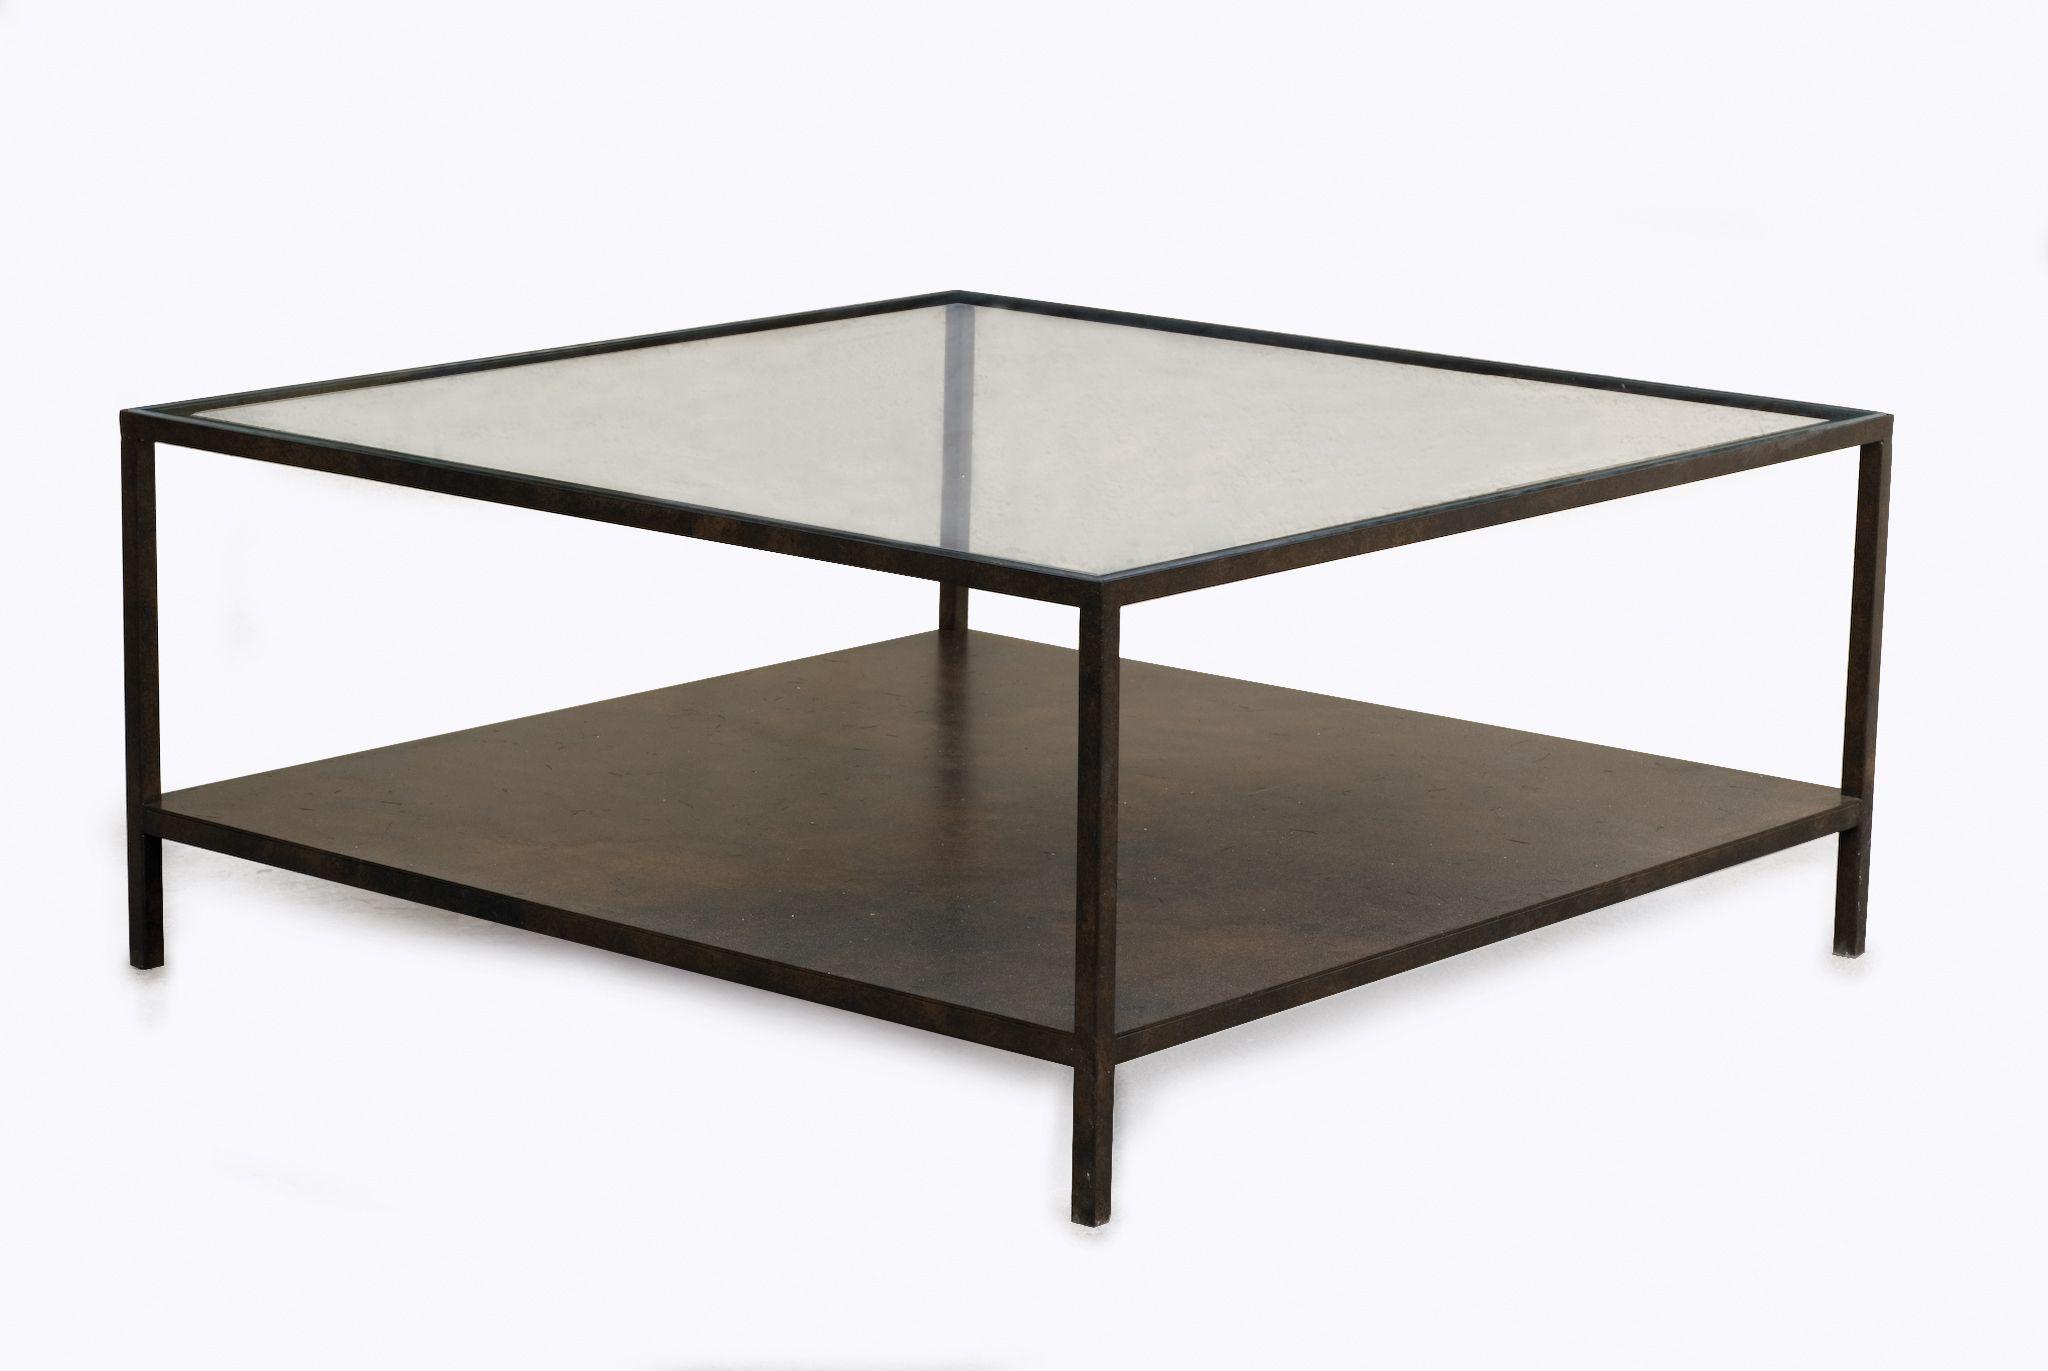 table basse carr e 1 plateau verre 1plateau tole sur mesure en 2019 table basse fer table